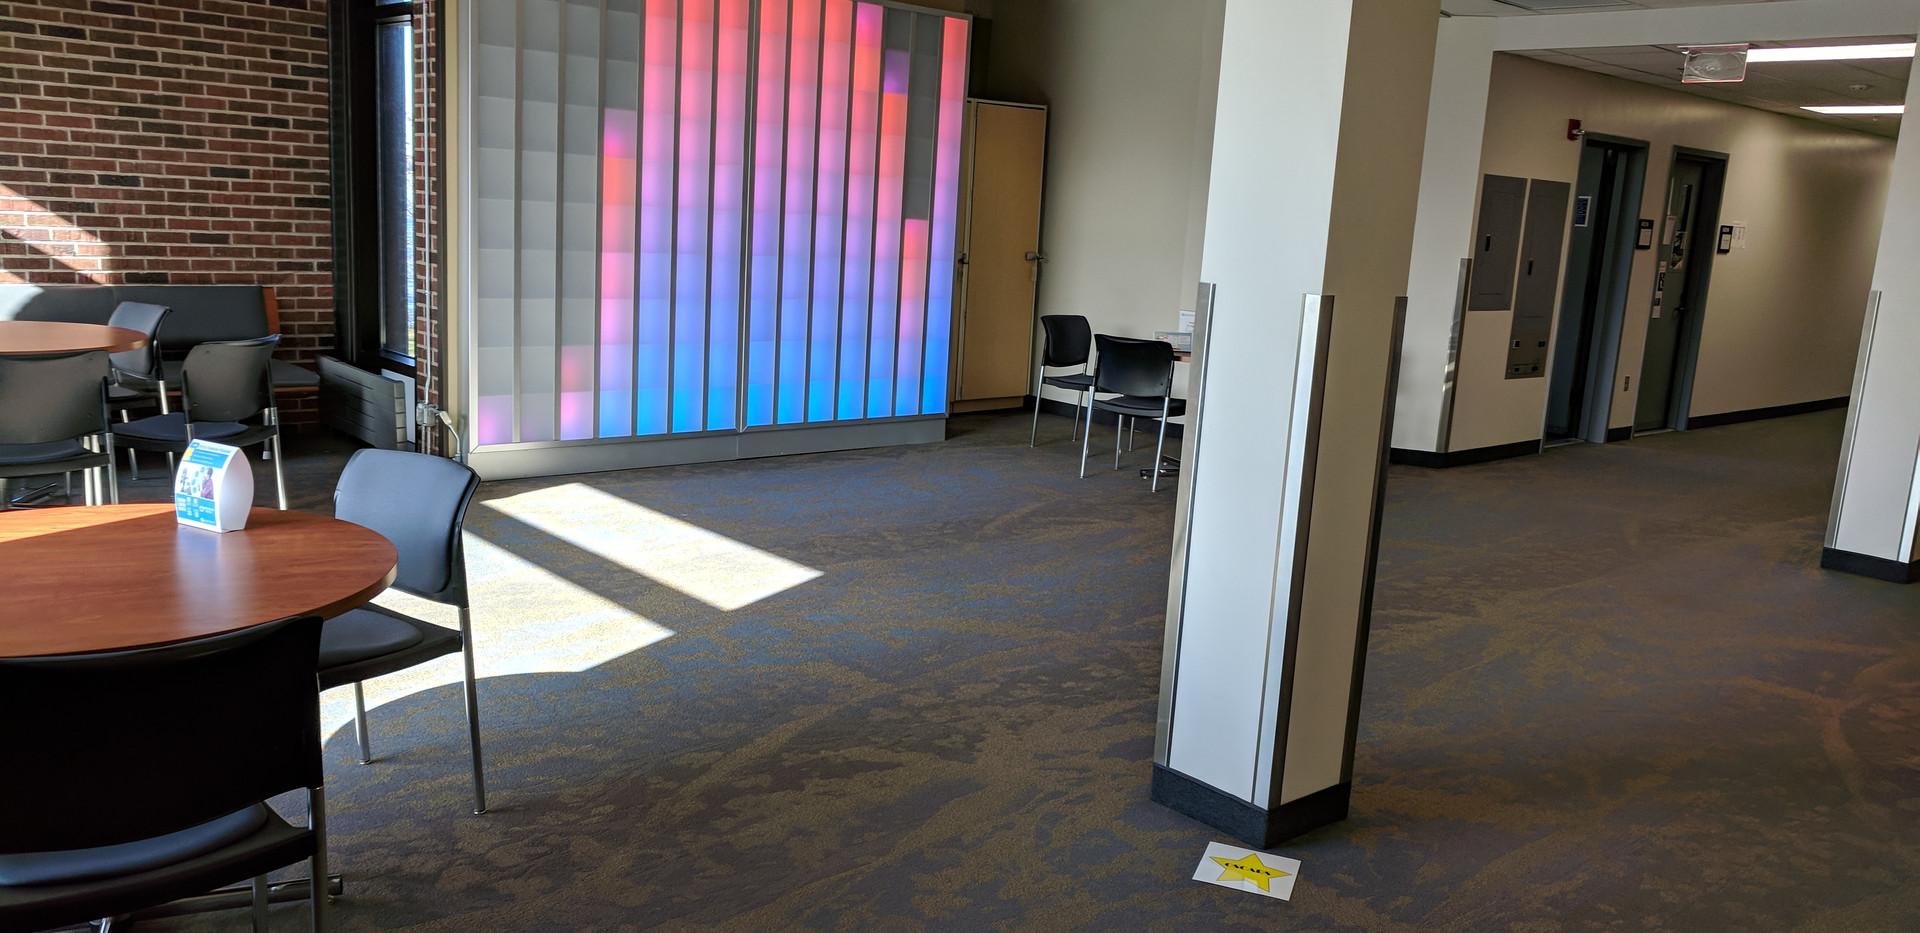 See/Hear art installation